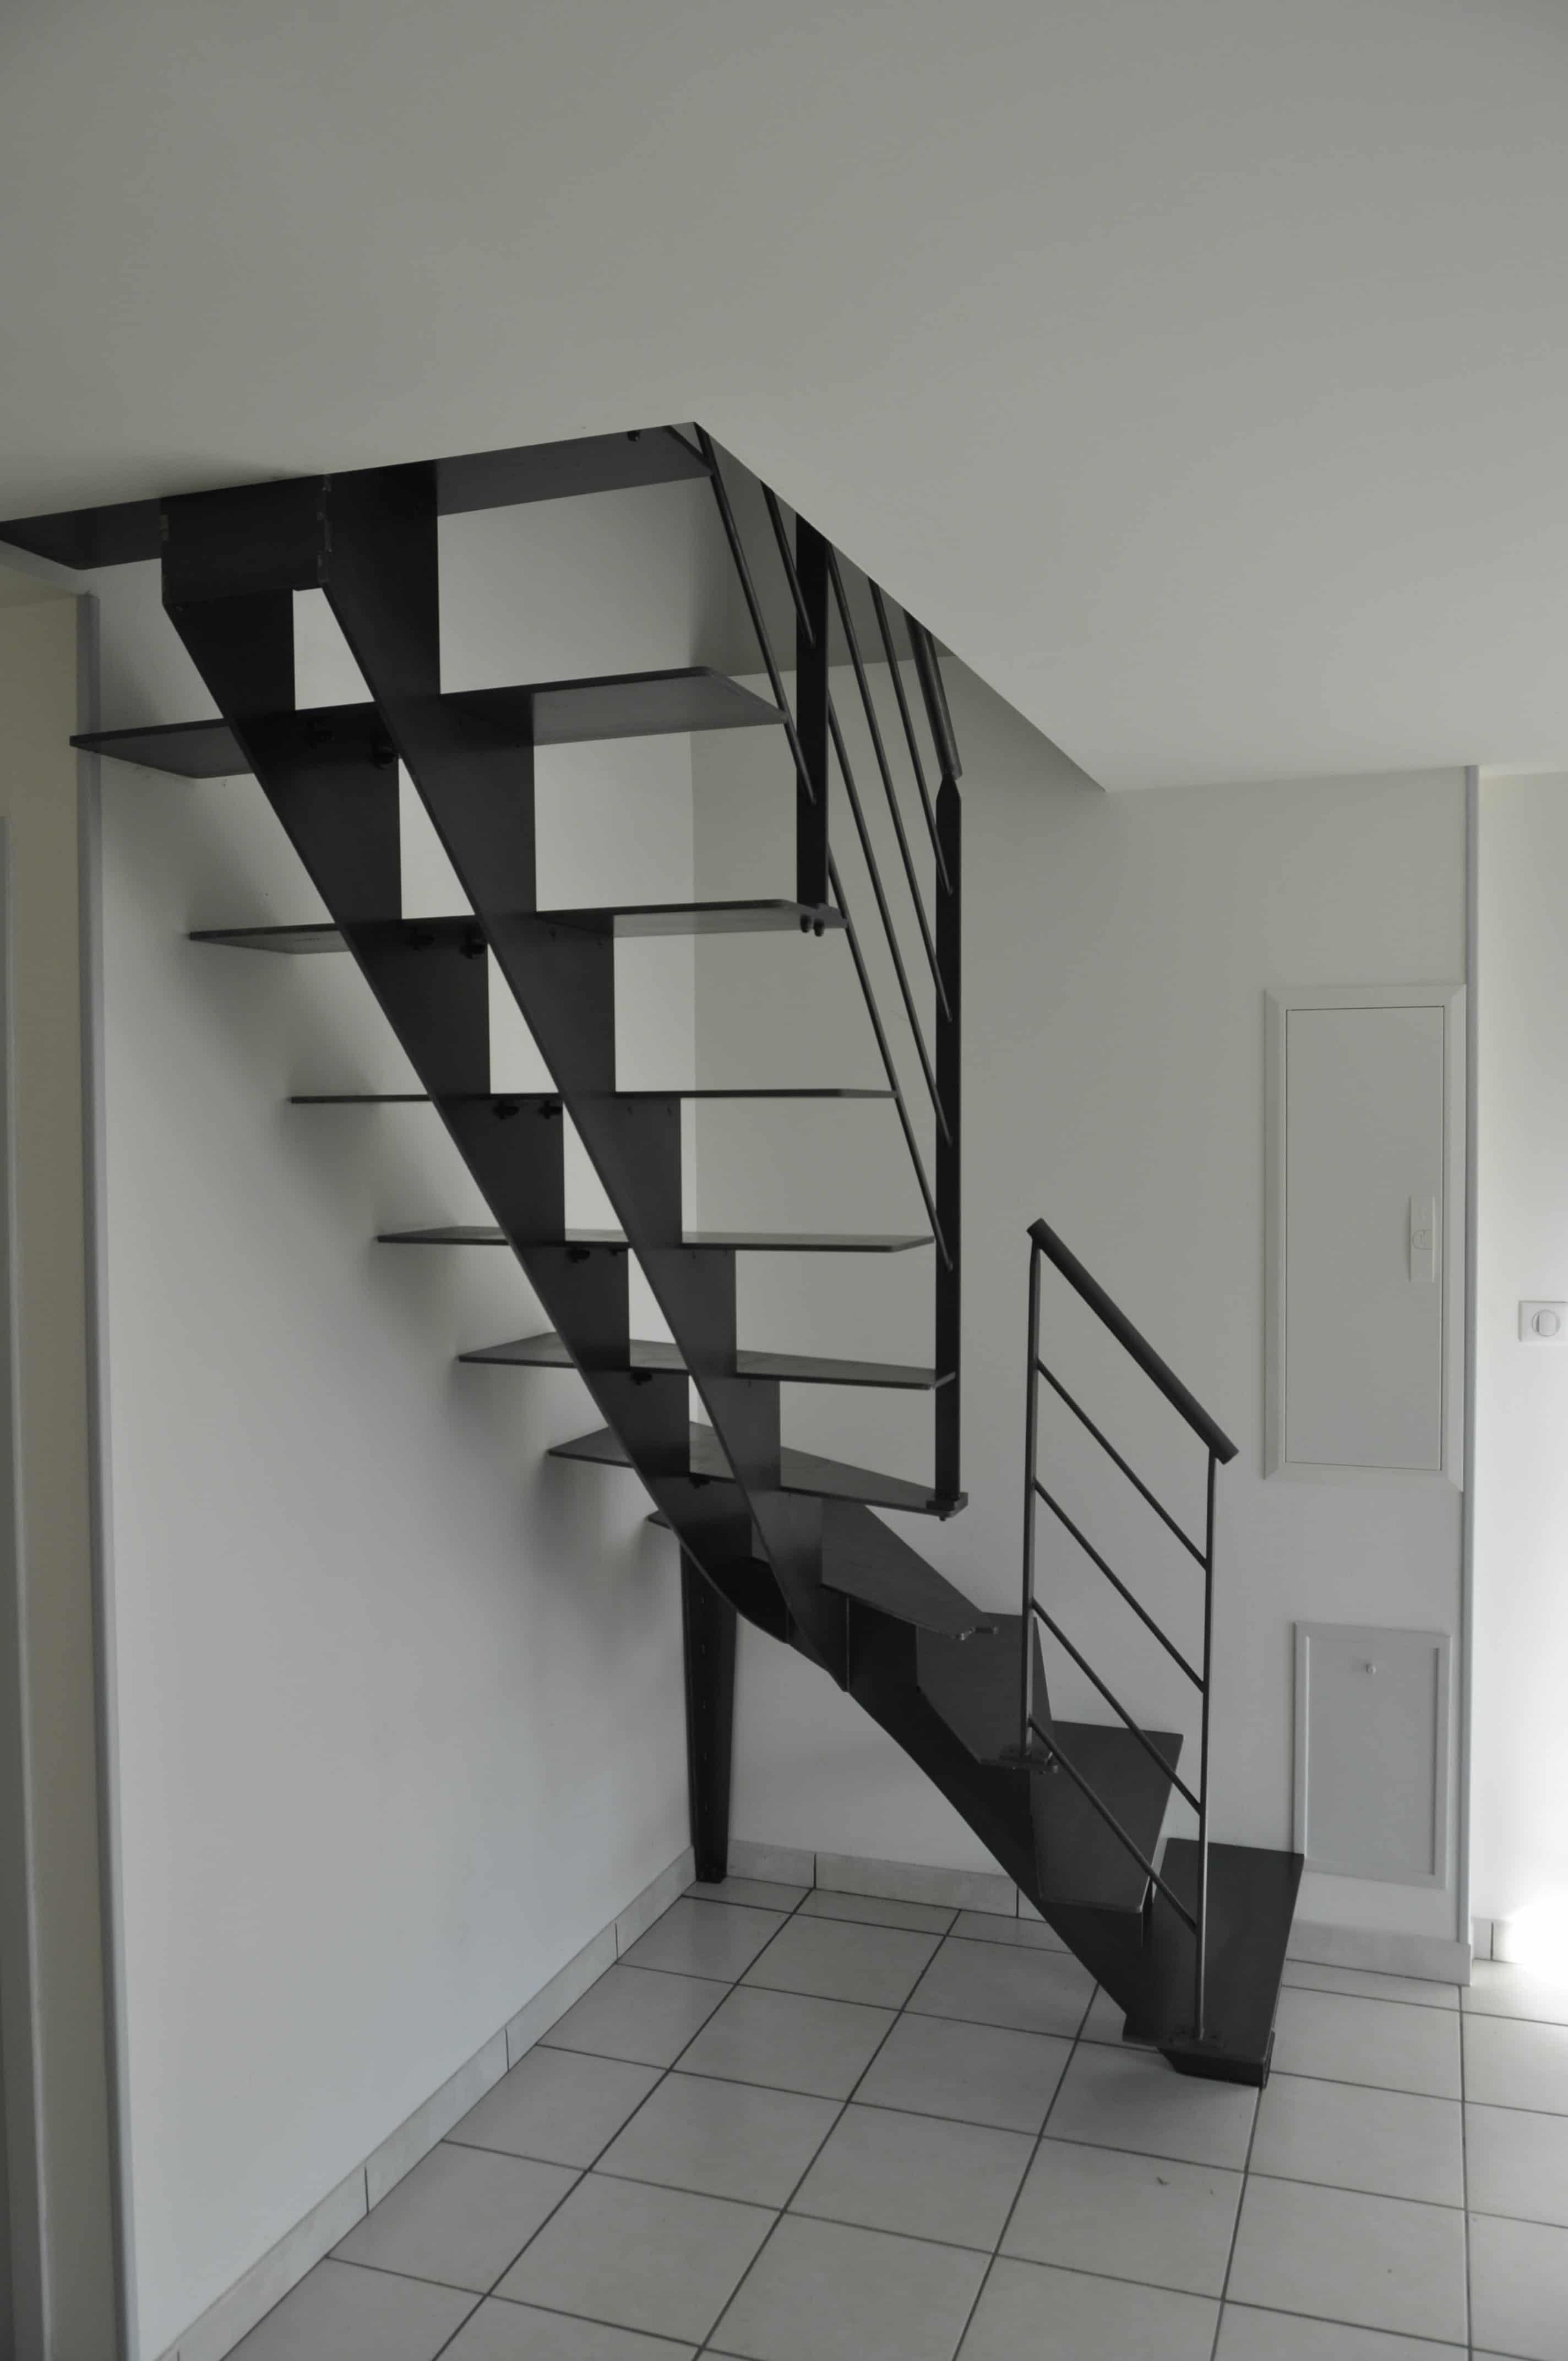 escalier en métal dans le finistère vue globale